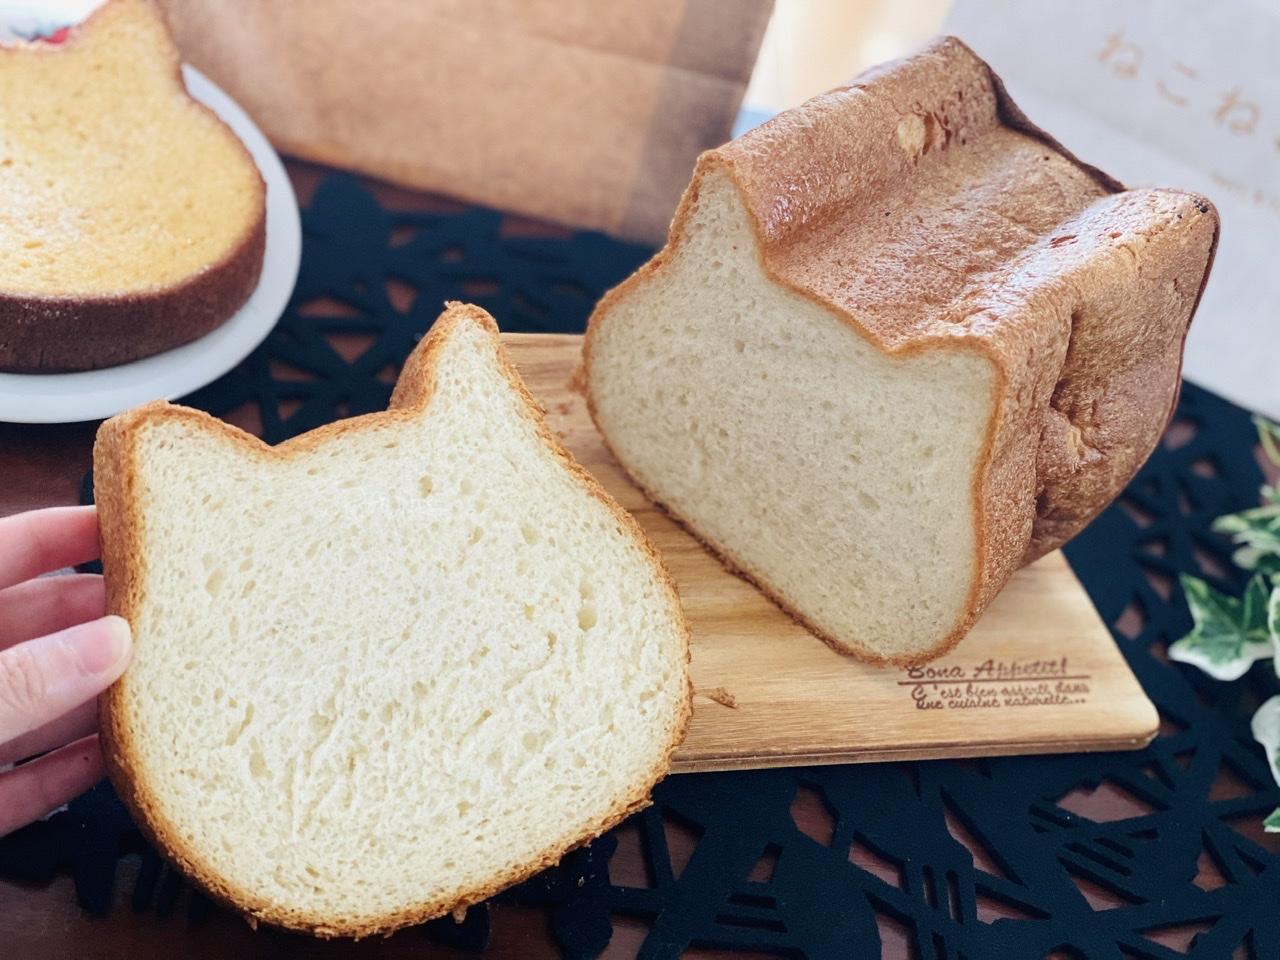 【オンライン販売開始!】可愛さ満点で売切れ続出!念願の《ねこねこ食パン》をGET♡_3